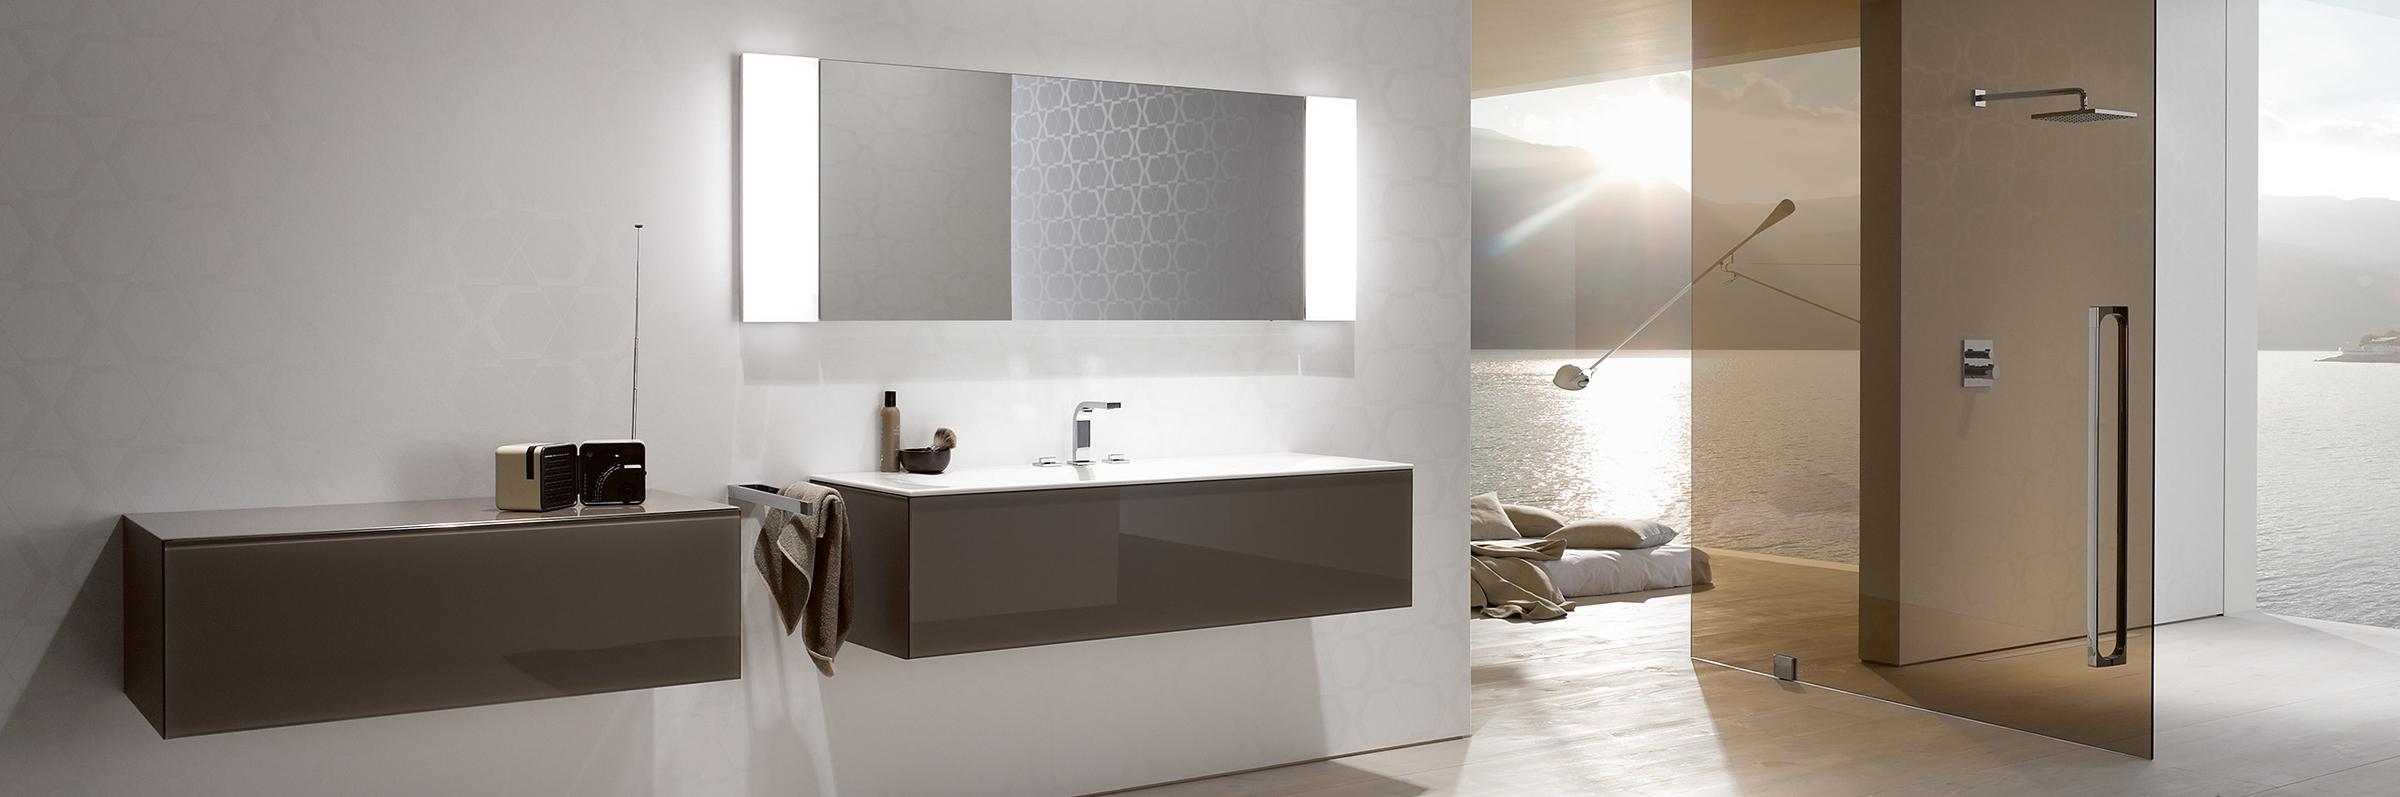 Maatwerk badkamermeubel precies volgens jouw wensen